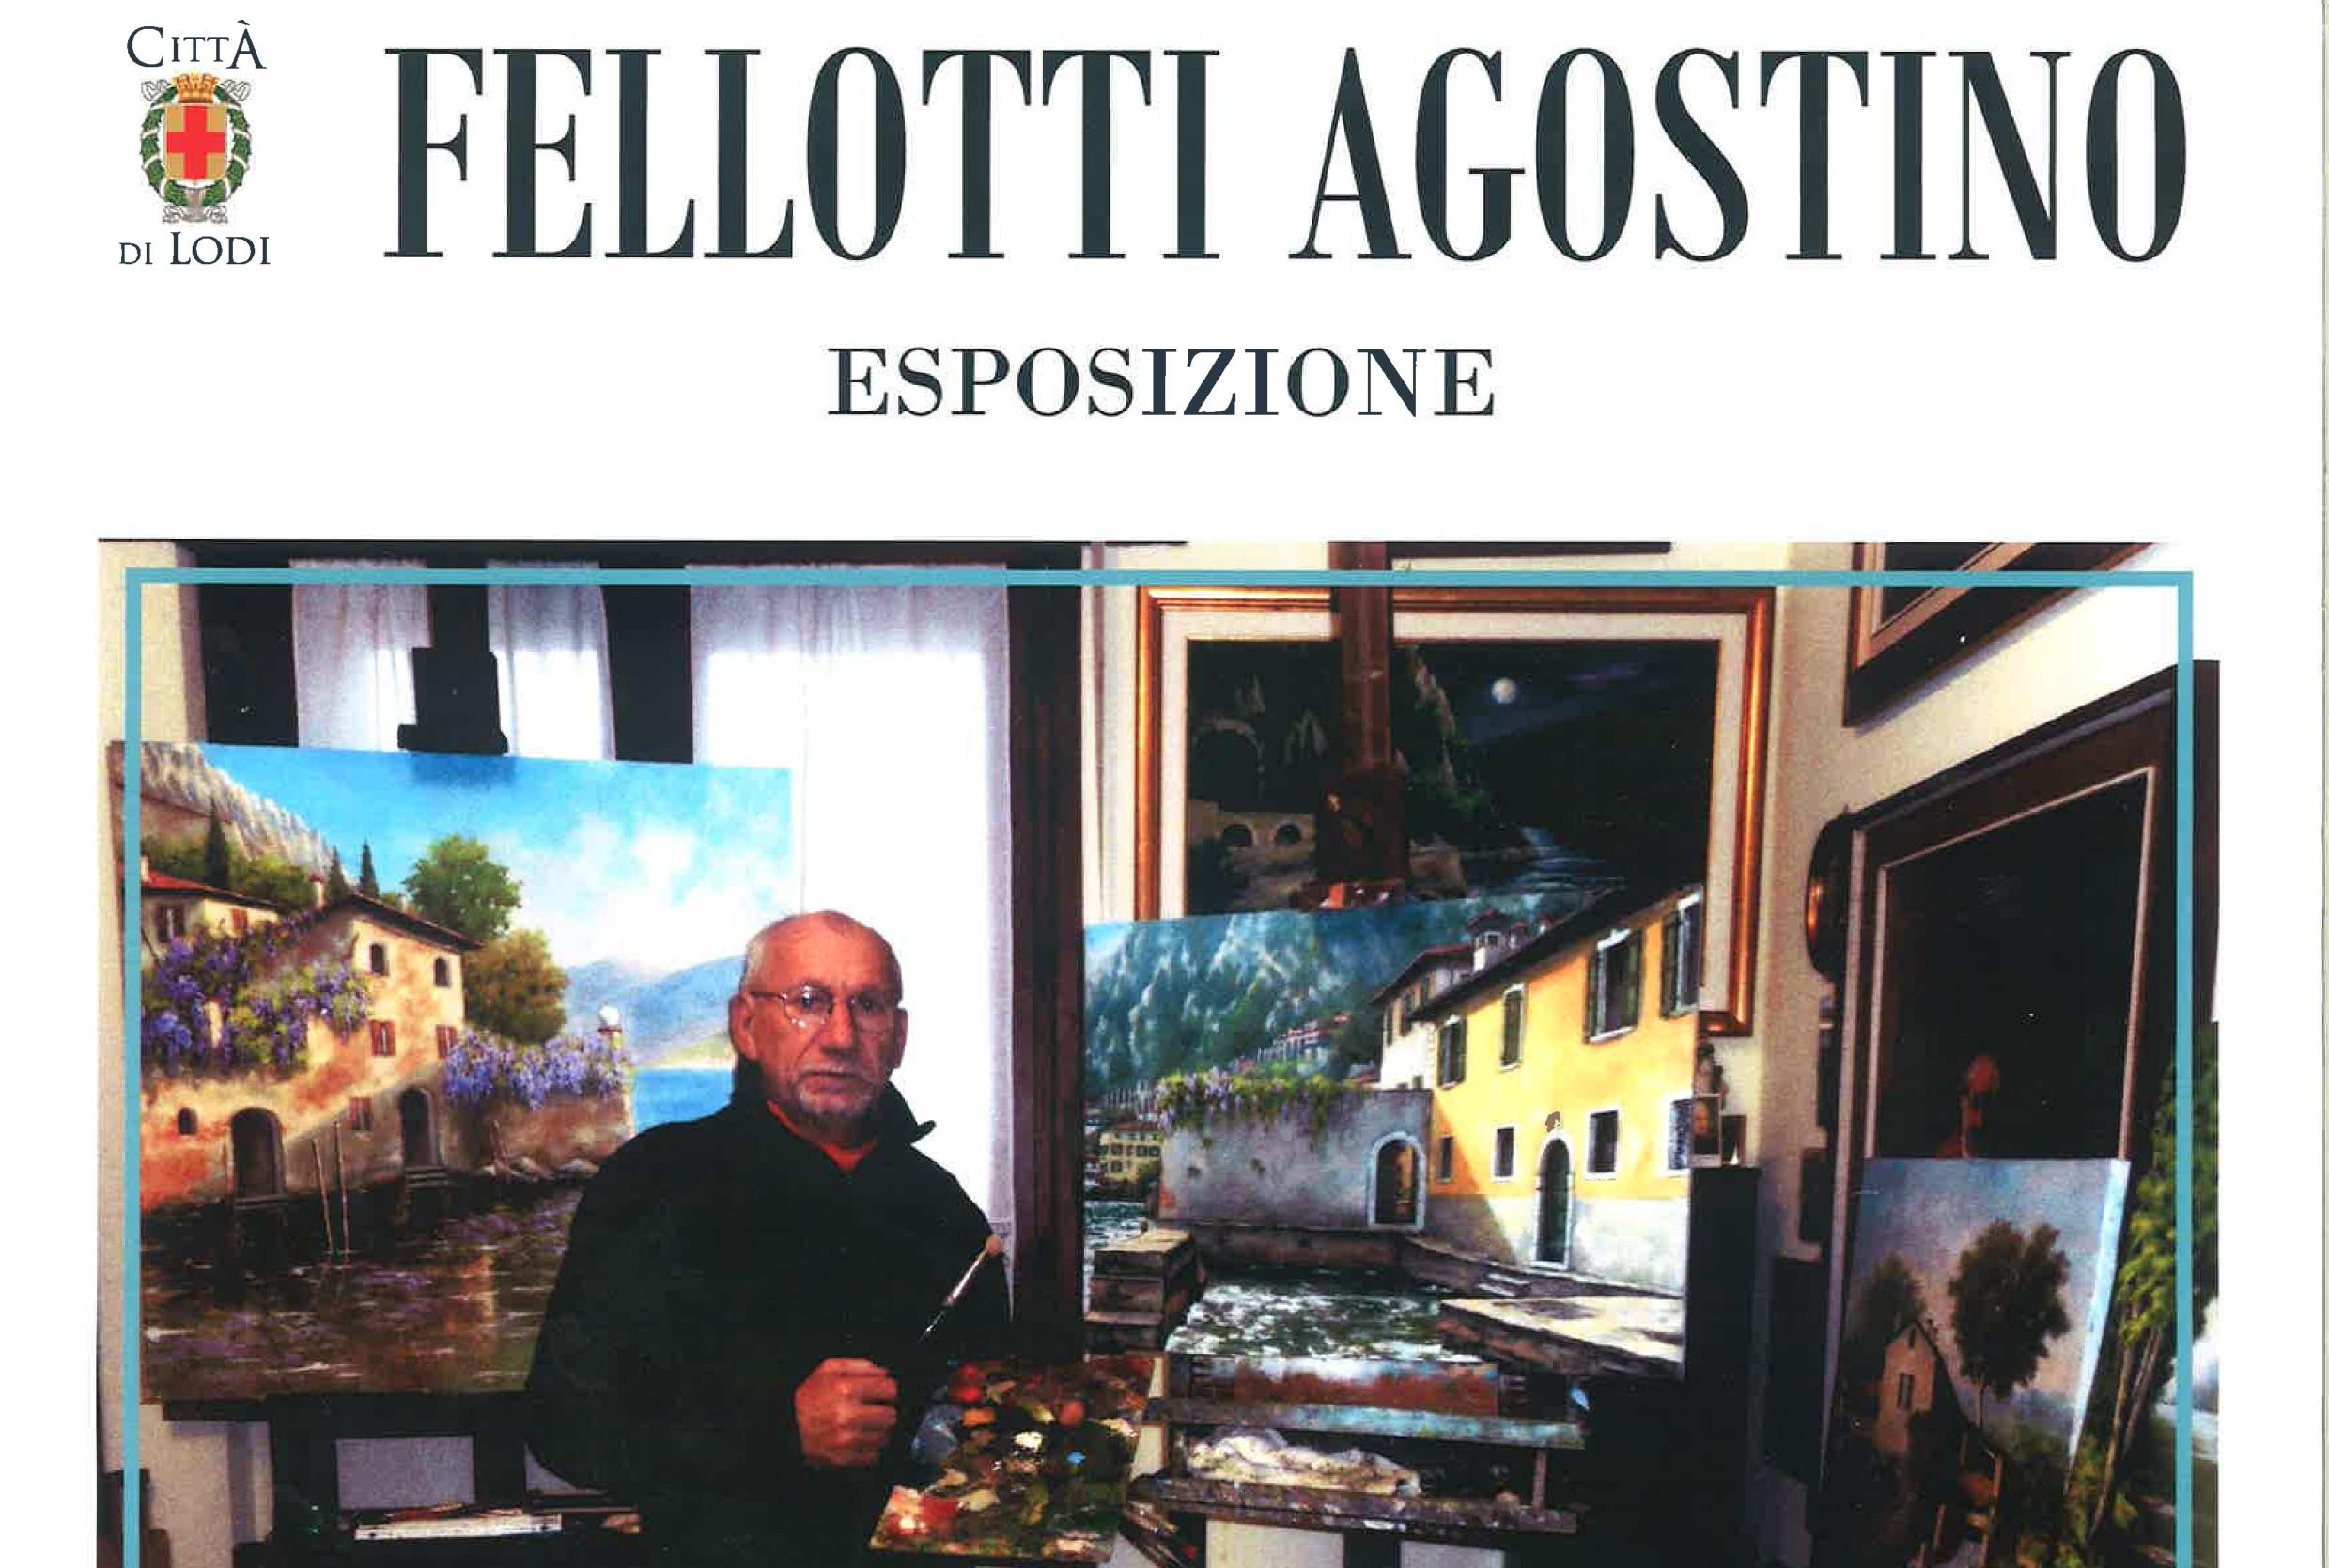 immagine dalla locandina con Fellotti nel suo atelier